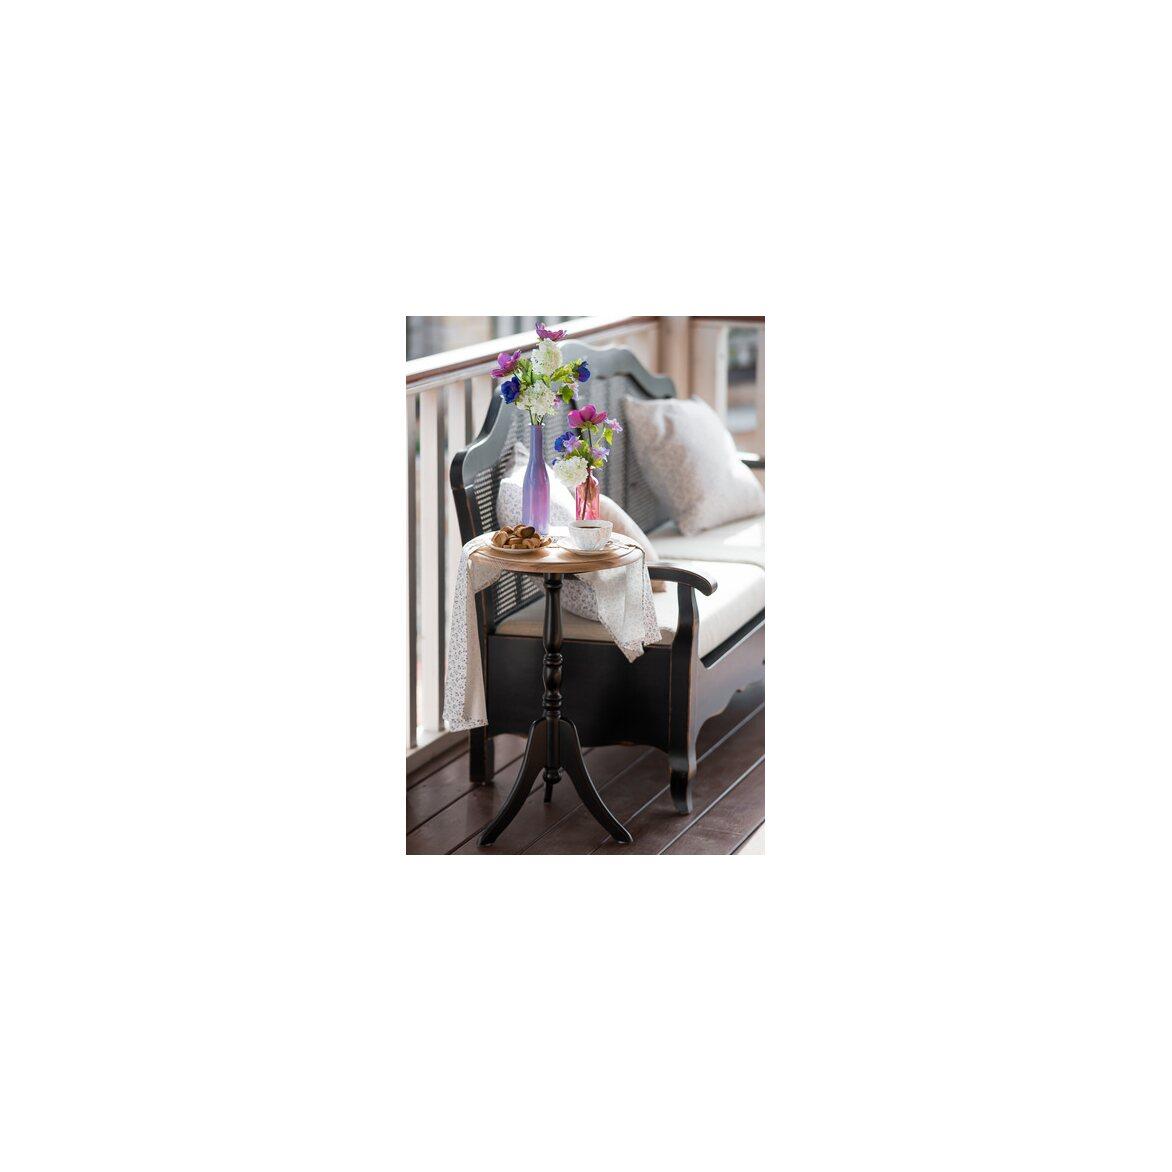 Кофейный столик Leontina (круглый), черного цвета 2 | Кофейные столики Kingsby